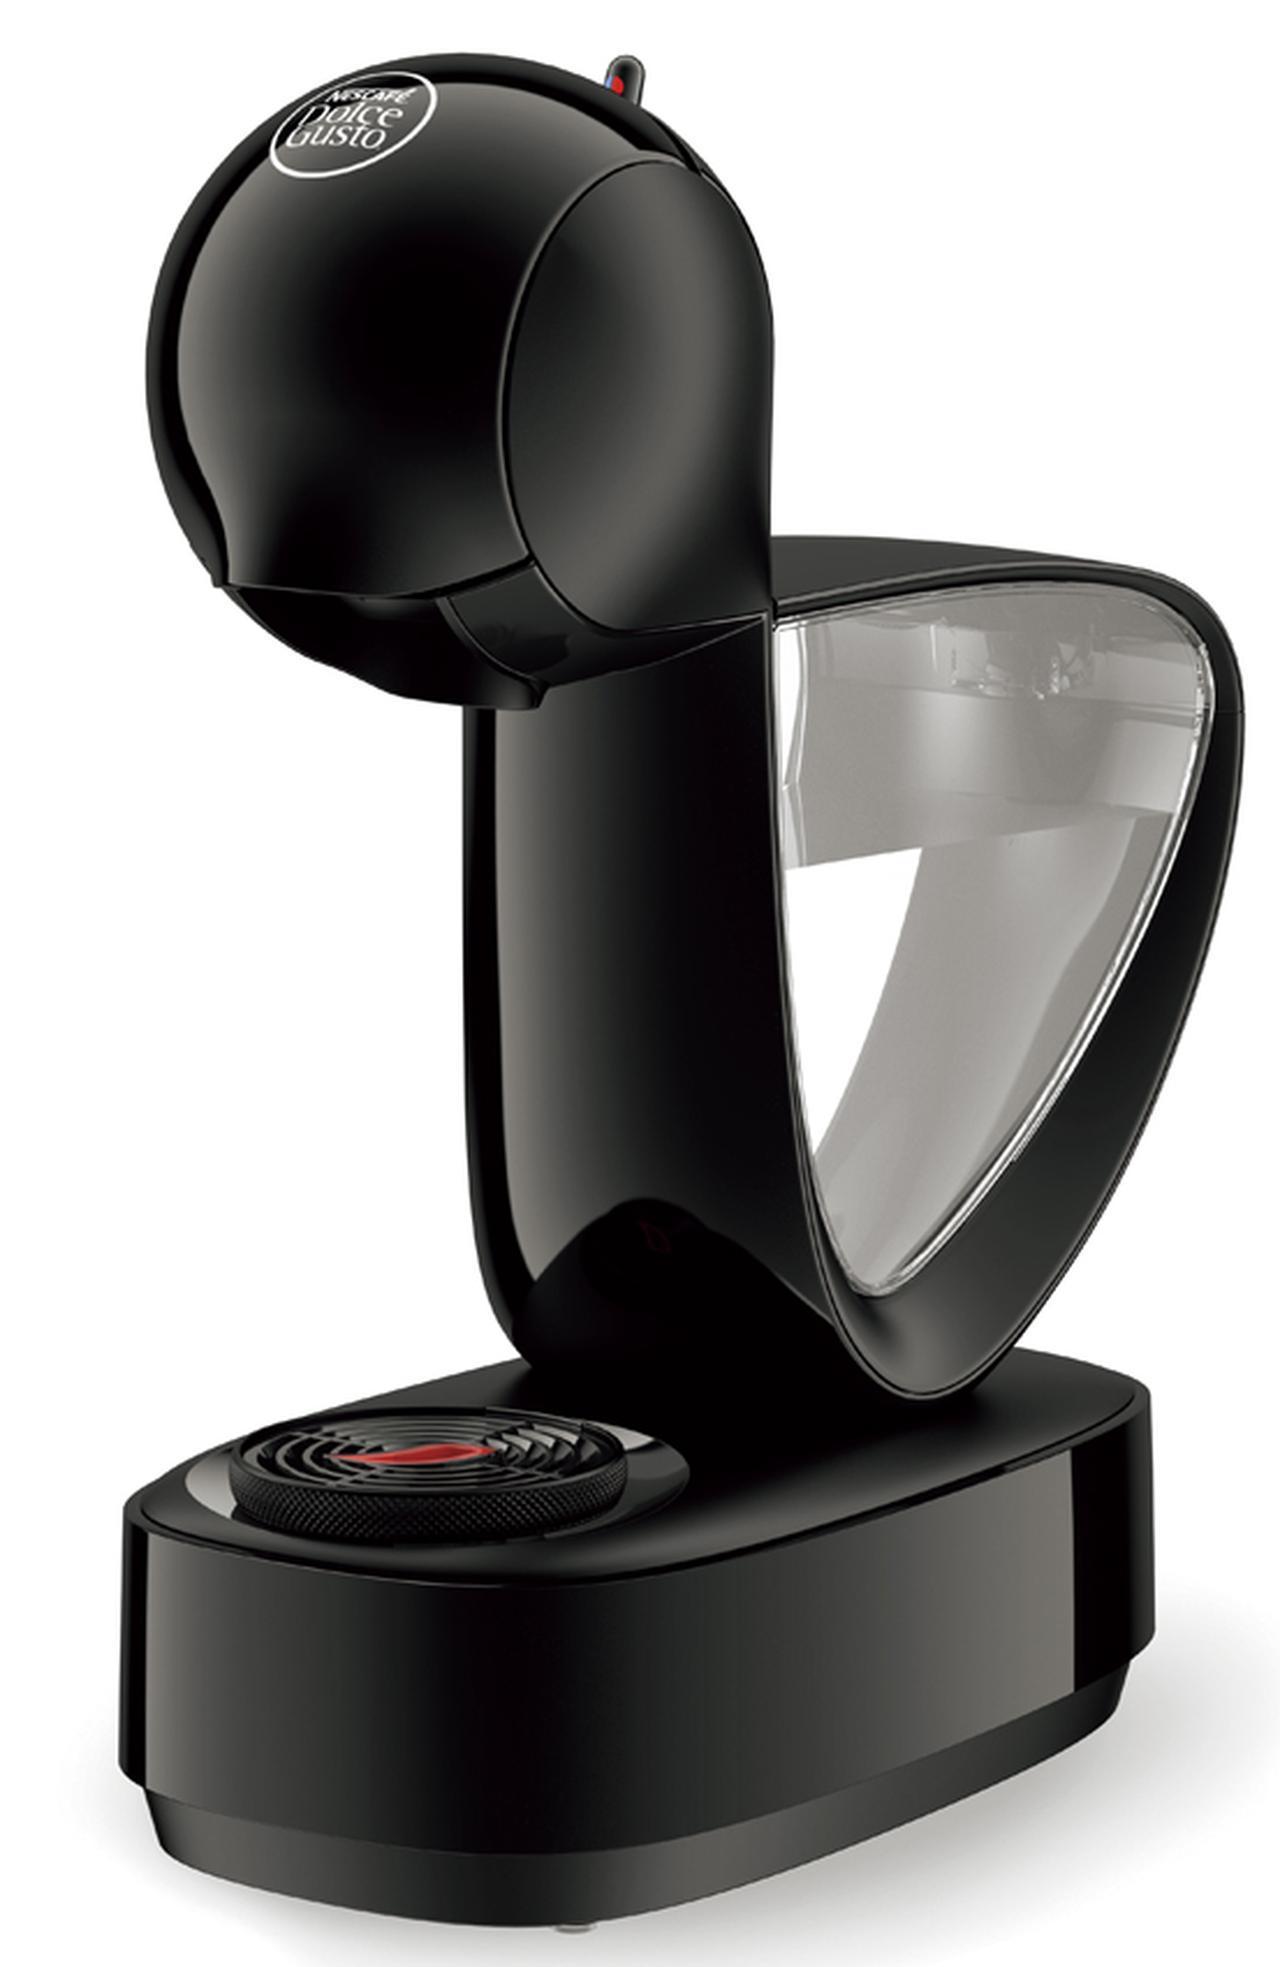 画像3: 通も納得のコクと香り! 象印のコーヒーメーカーに注目【珈琲通EC-RS40型】